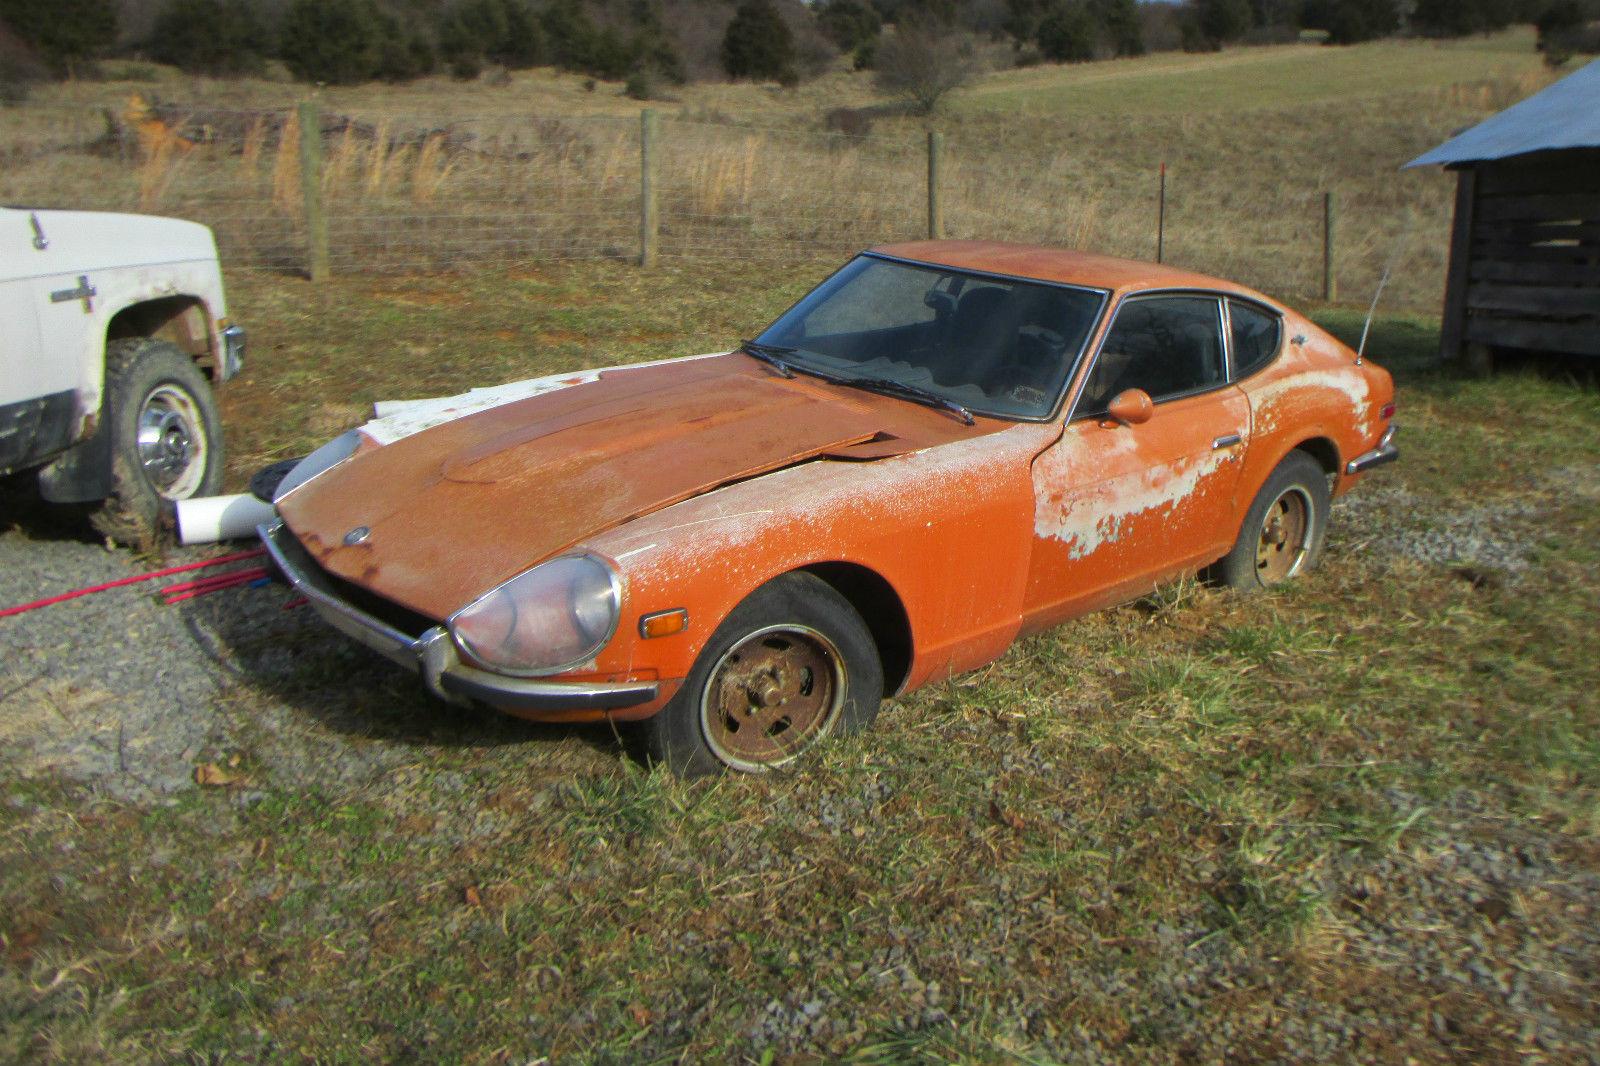 Datsun 240z For Sale California >> 1971 Datsun 240Z restore or parts - Classic Datsun Z-Series 1971 for sale